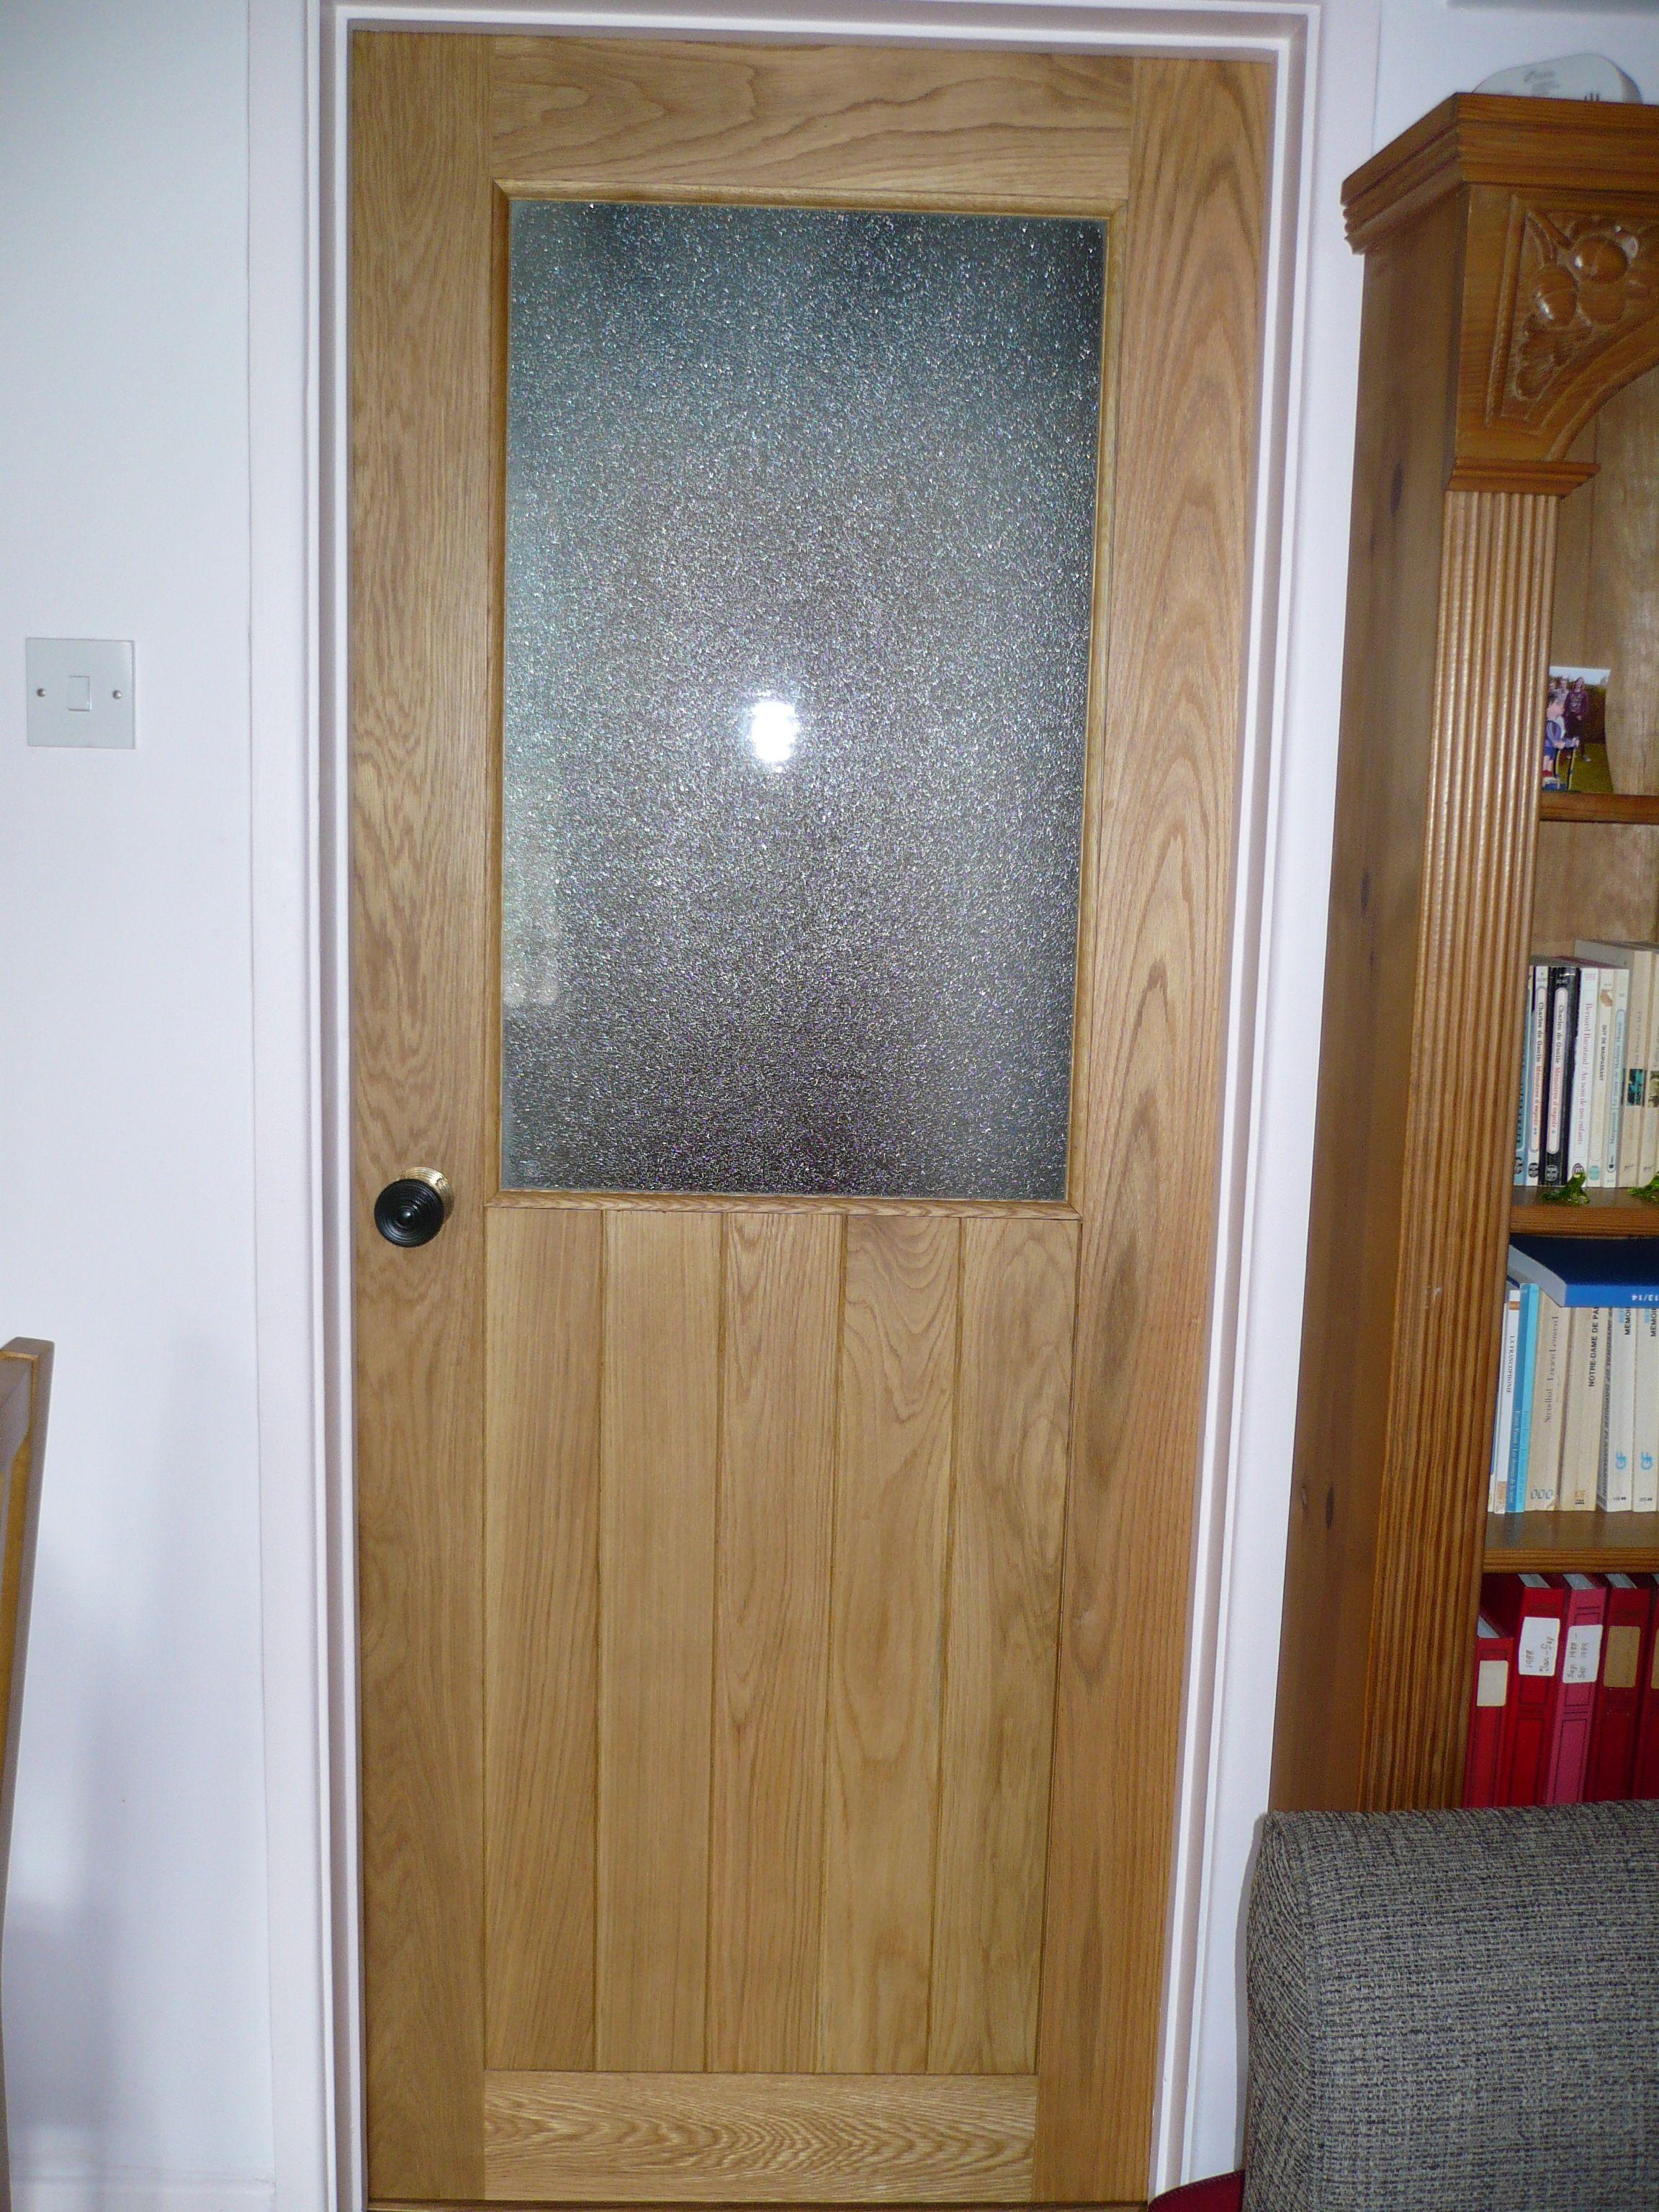 Solid Oak Glazed Suffolk Internal Door. Oak Suffolk Traditional Door Frame and Ledge glazed door. ... & Solid Oak Glazed Suffolk Internal Door. Oak Suffolk Traditional Door ...